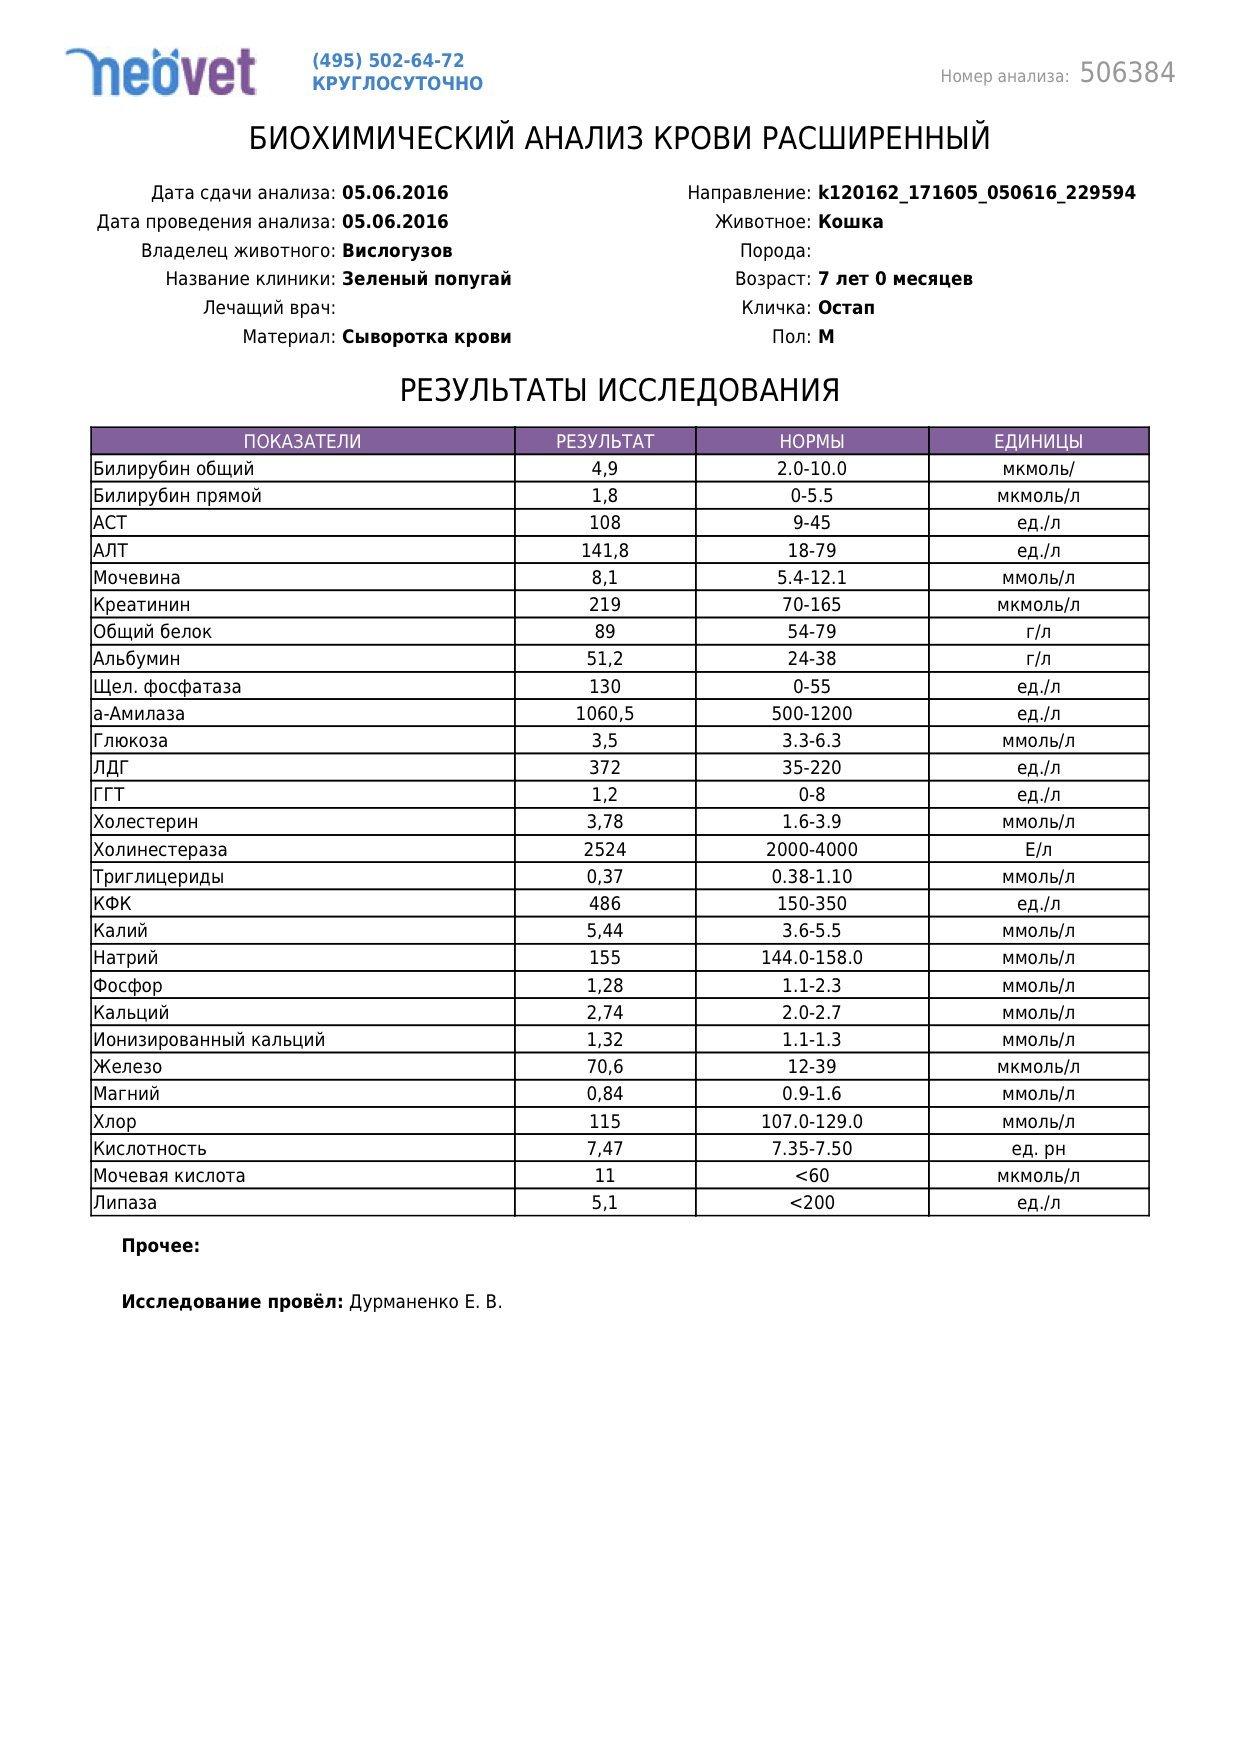 Общий анализ крови - свидетель нарушений в организме 84